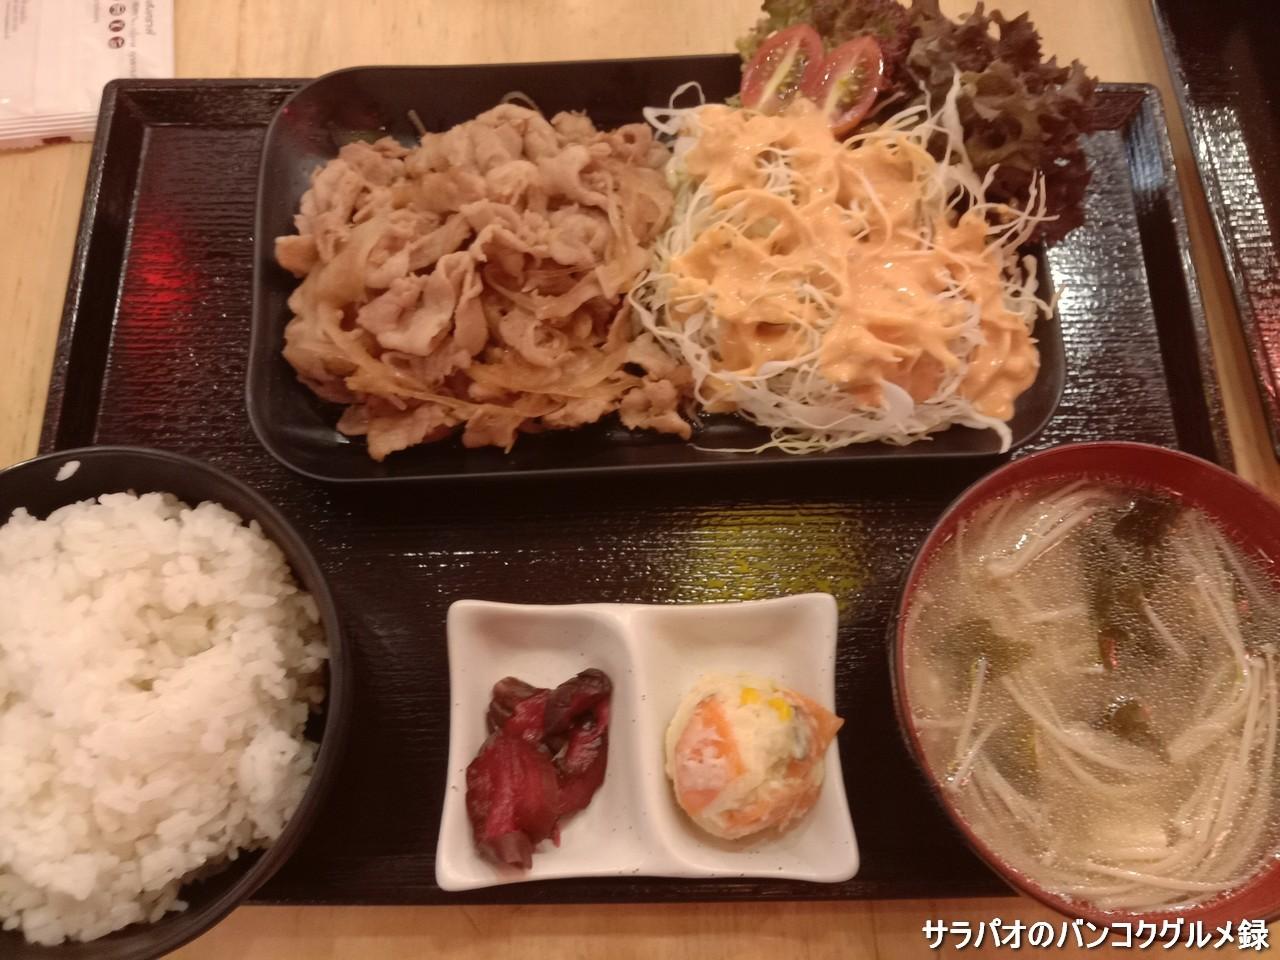 恵美須商店の旨くて安い、コスパが高いおすすめランチ in アソーク